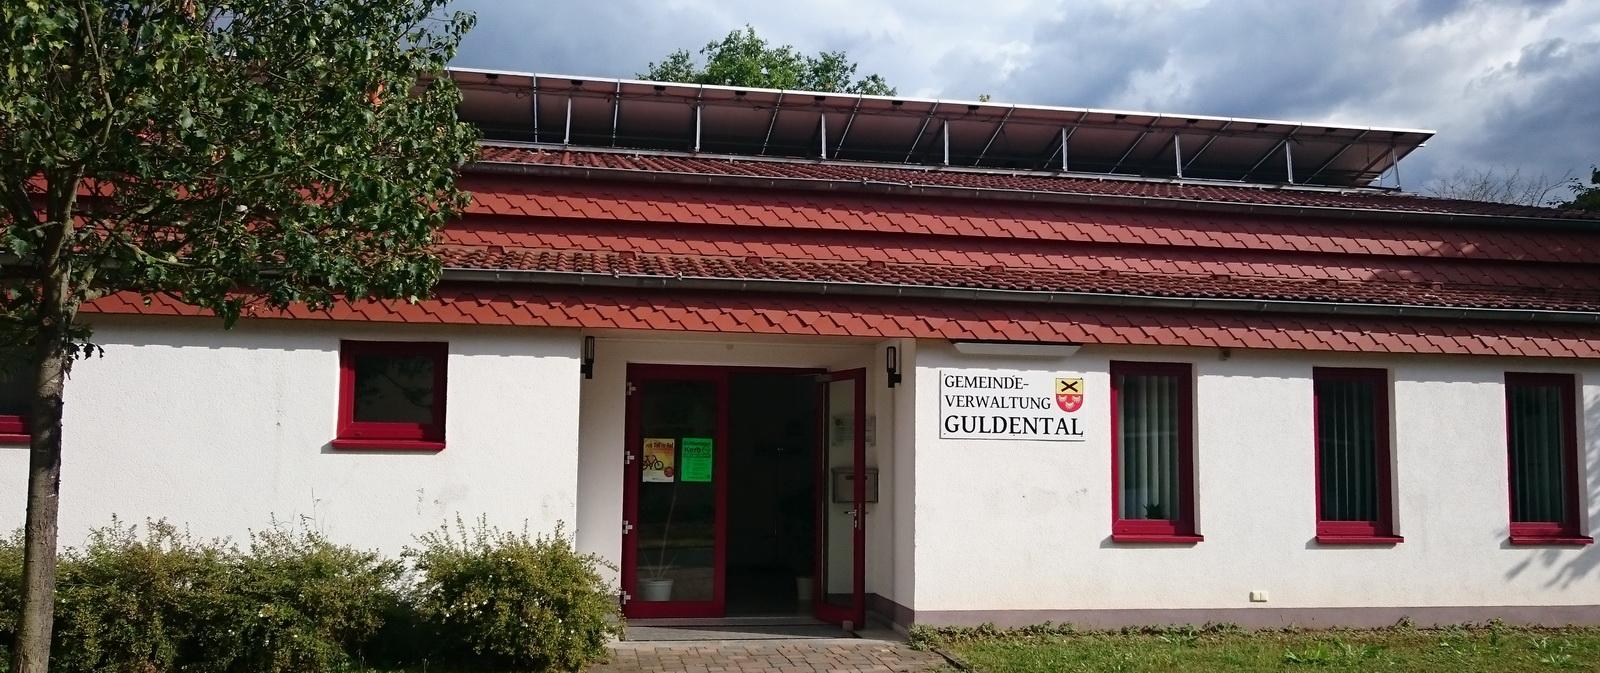 Eingang zur Gemeindeverwaltung